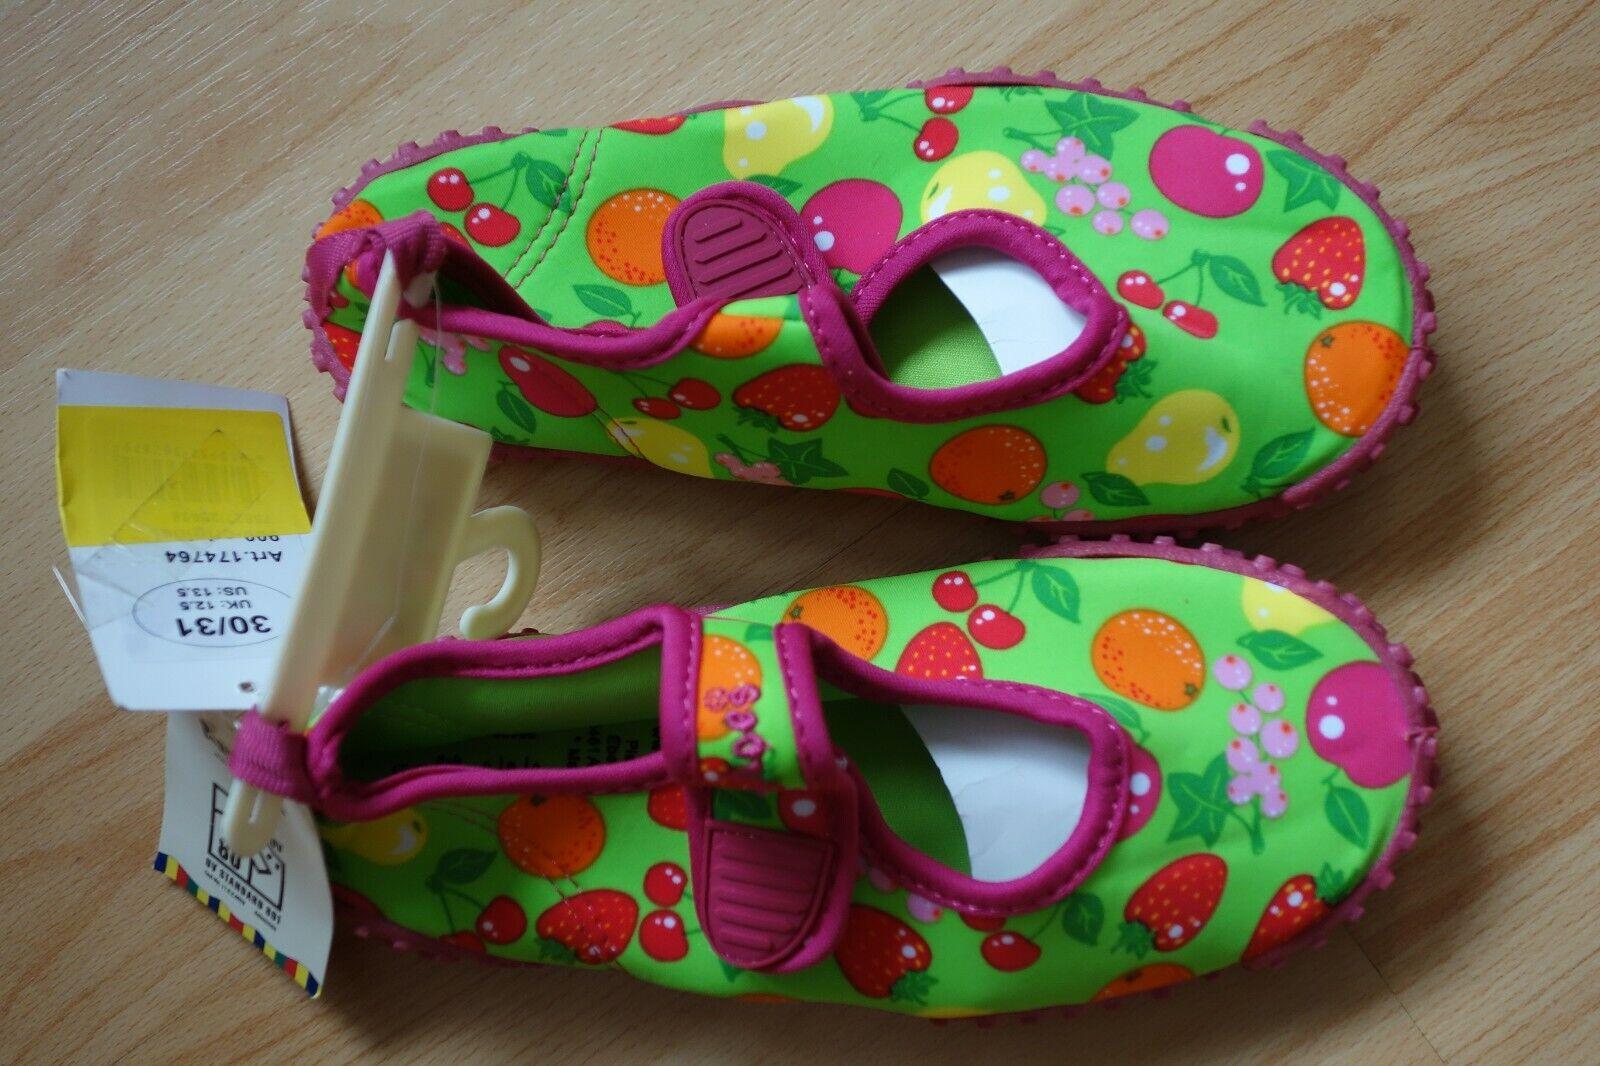 NEU Badeschuhe Playshoes Gr. 30/31 (21 cm) Schuhe HausschuheAquashoes